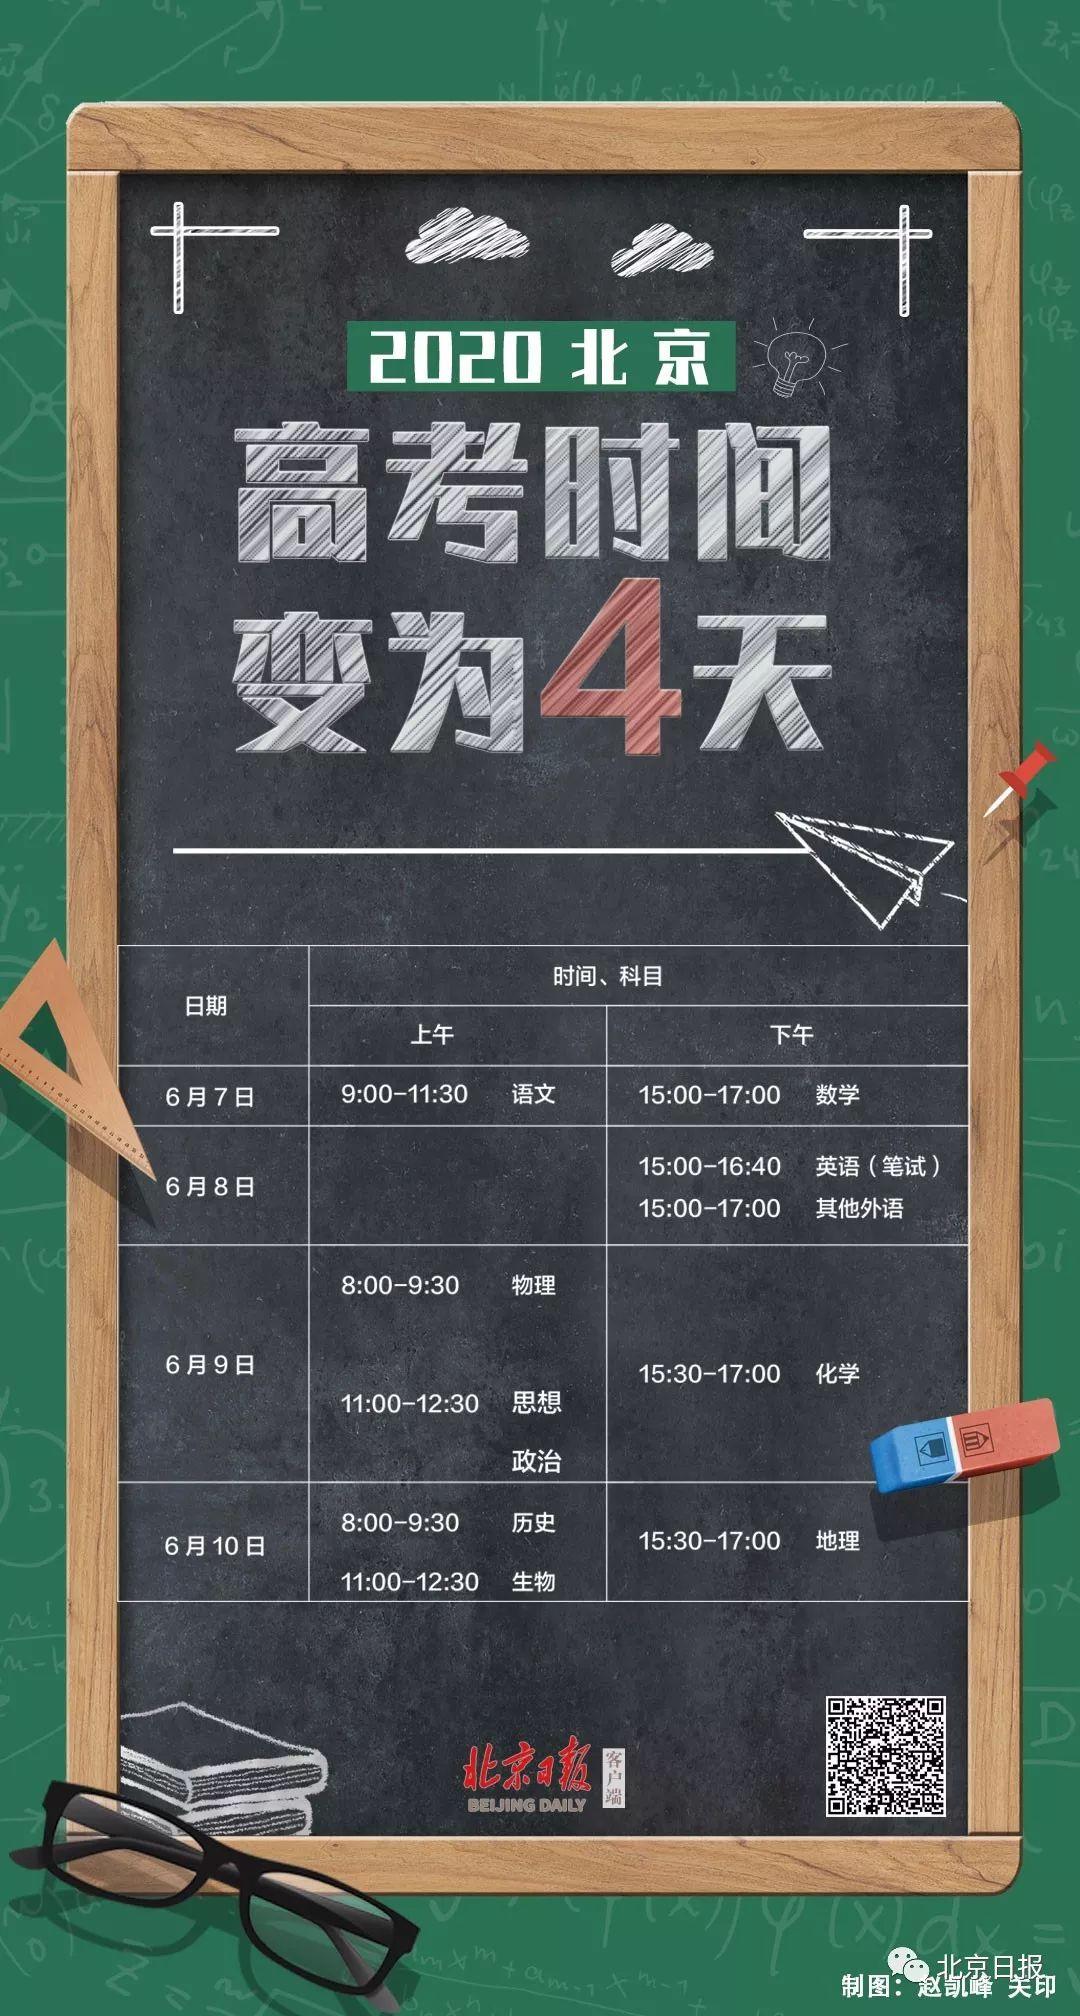 好看的娱乐节目北京高考时间变为4天!本科普通批设30个平行志愿